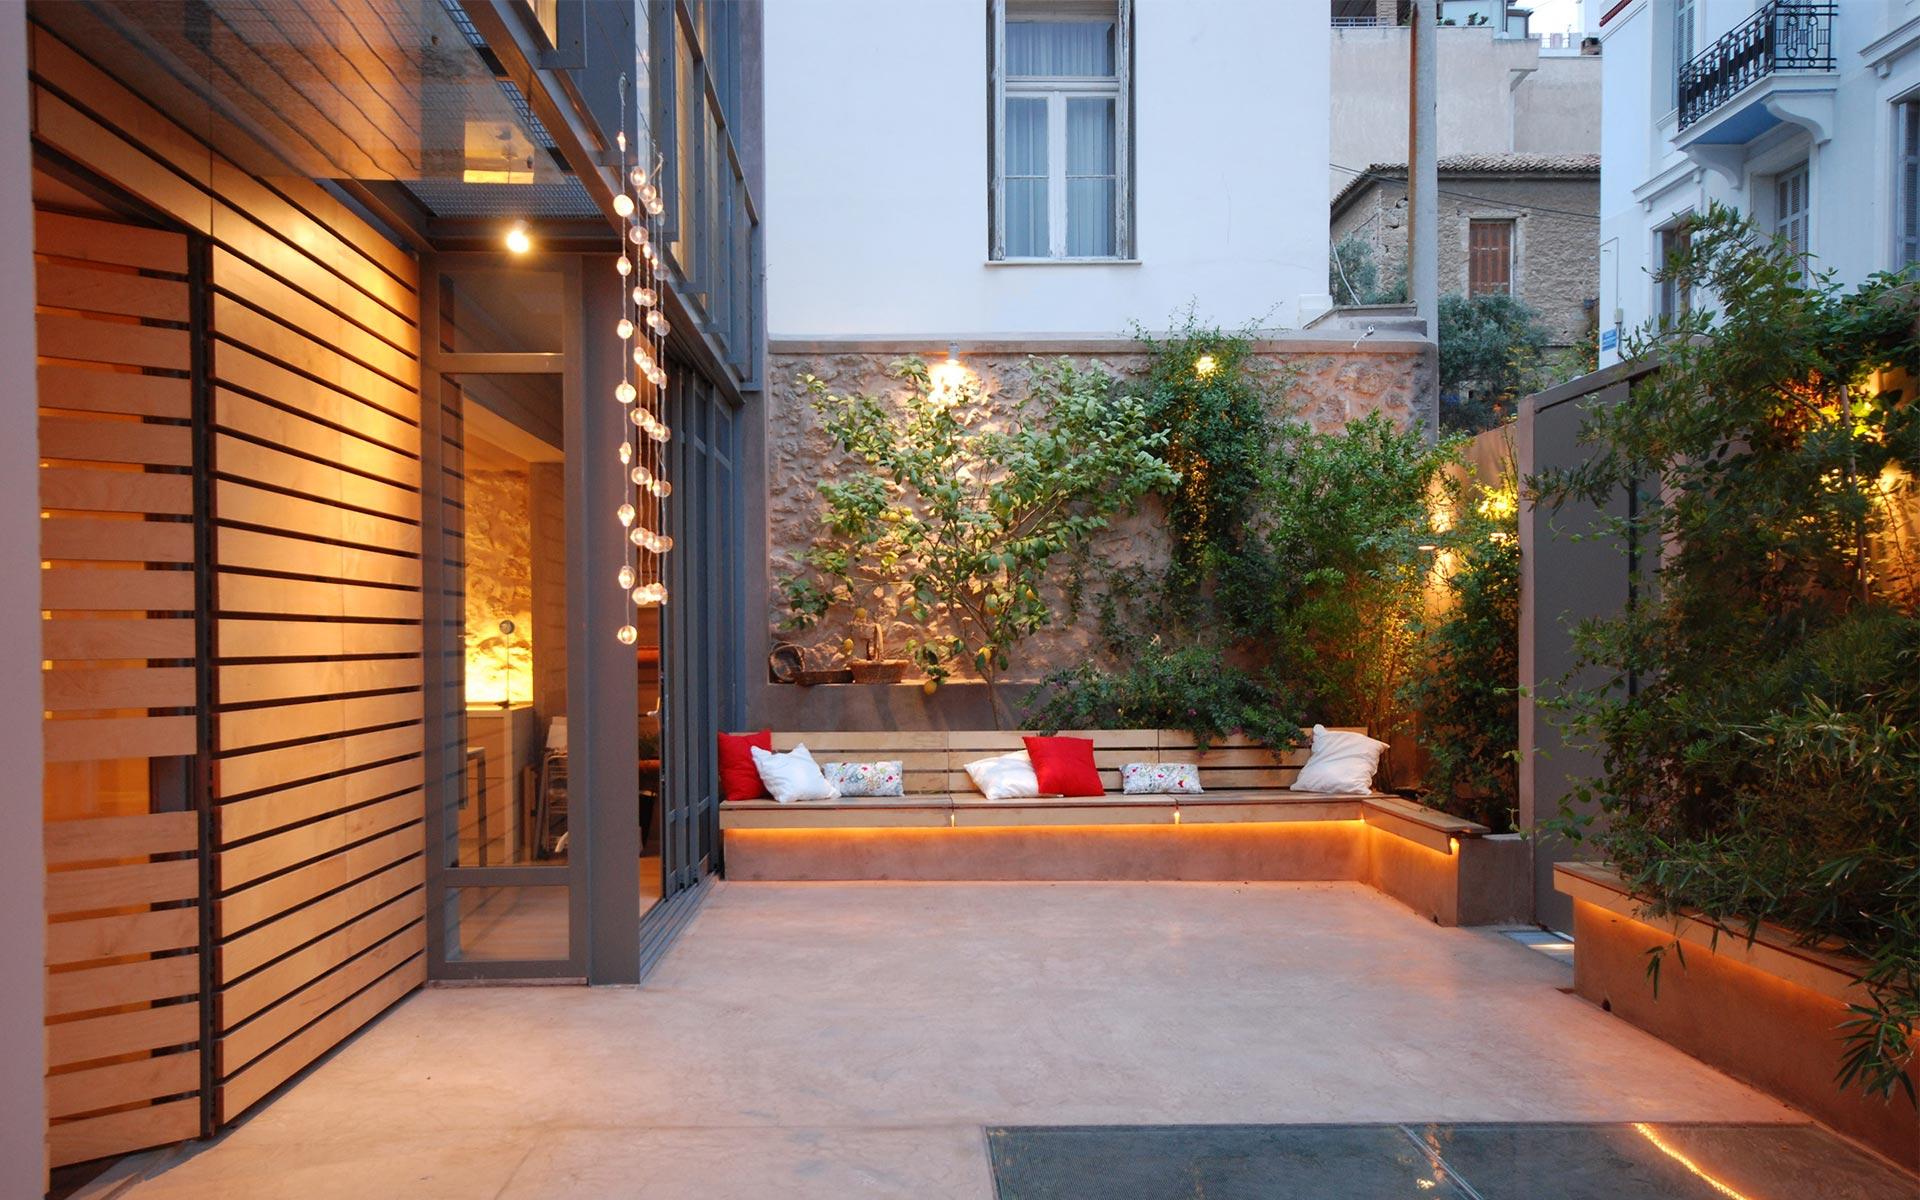 Z level elena zervoudakis for Decoracion de jardines pequenos exteriores